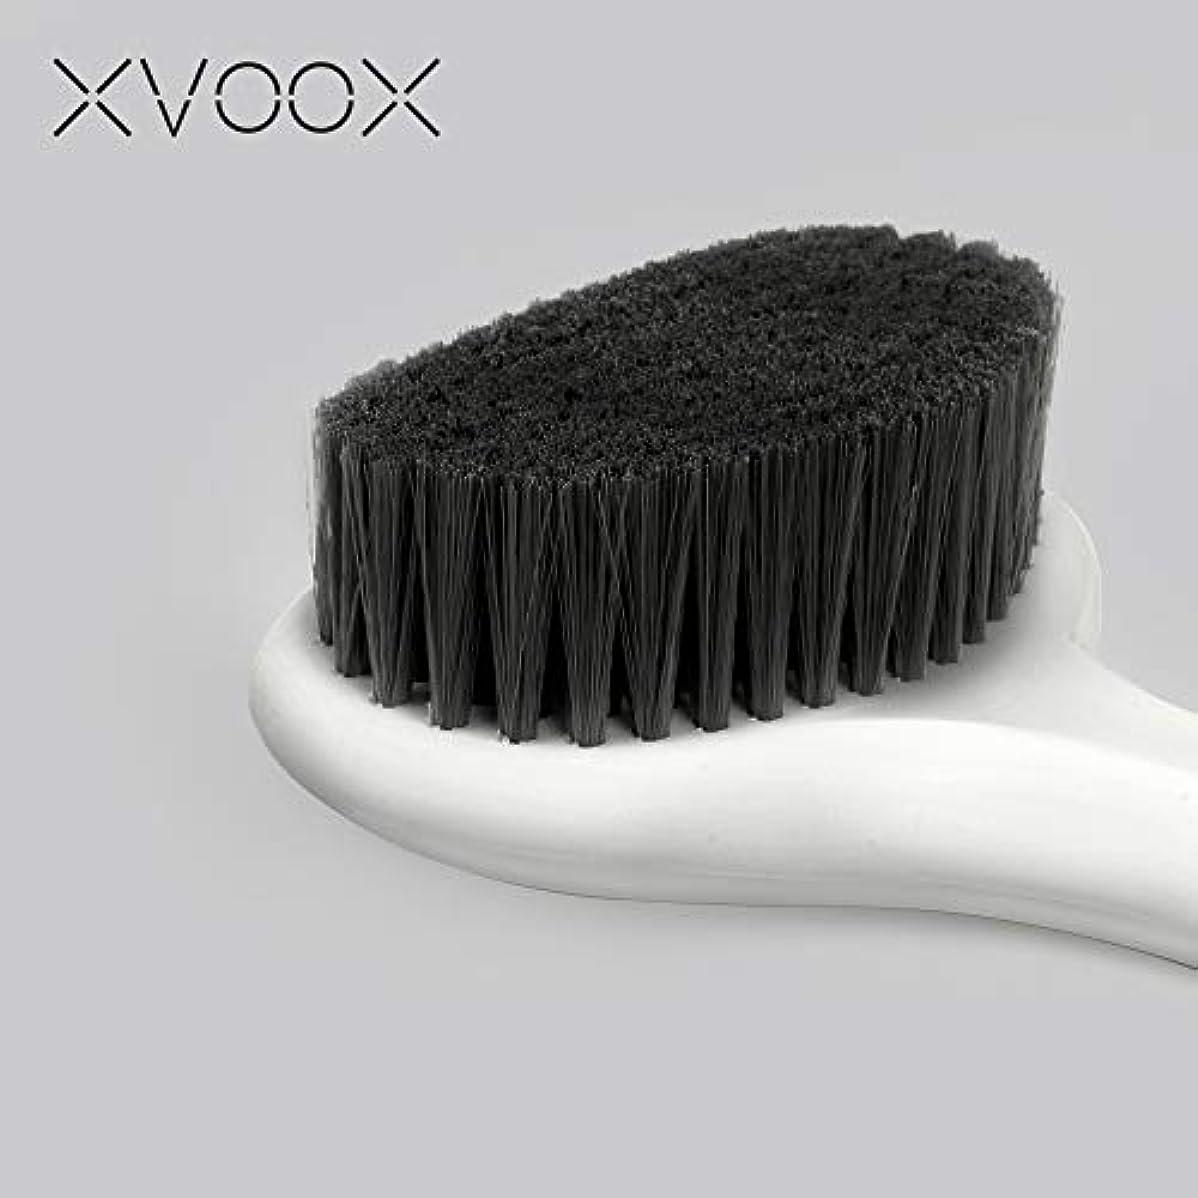 販売計画不完全な処理するXVOOX あかすり ボディブラシ 体洗いブラシ 背中ニキビ お風呂用体洗い 角質除去/血行促進 バスグッズ ロング柄 (白色)